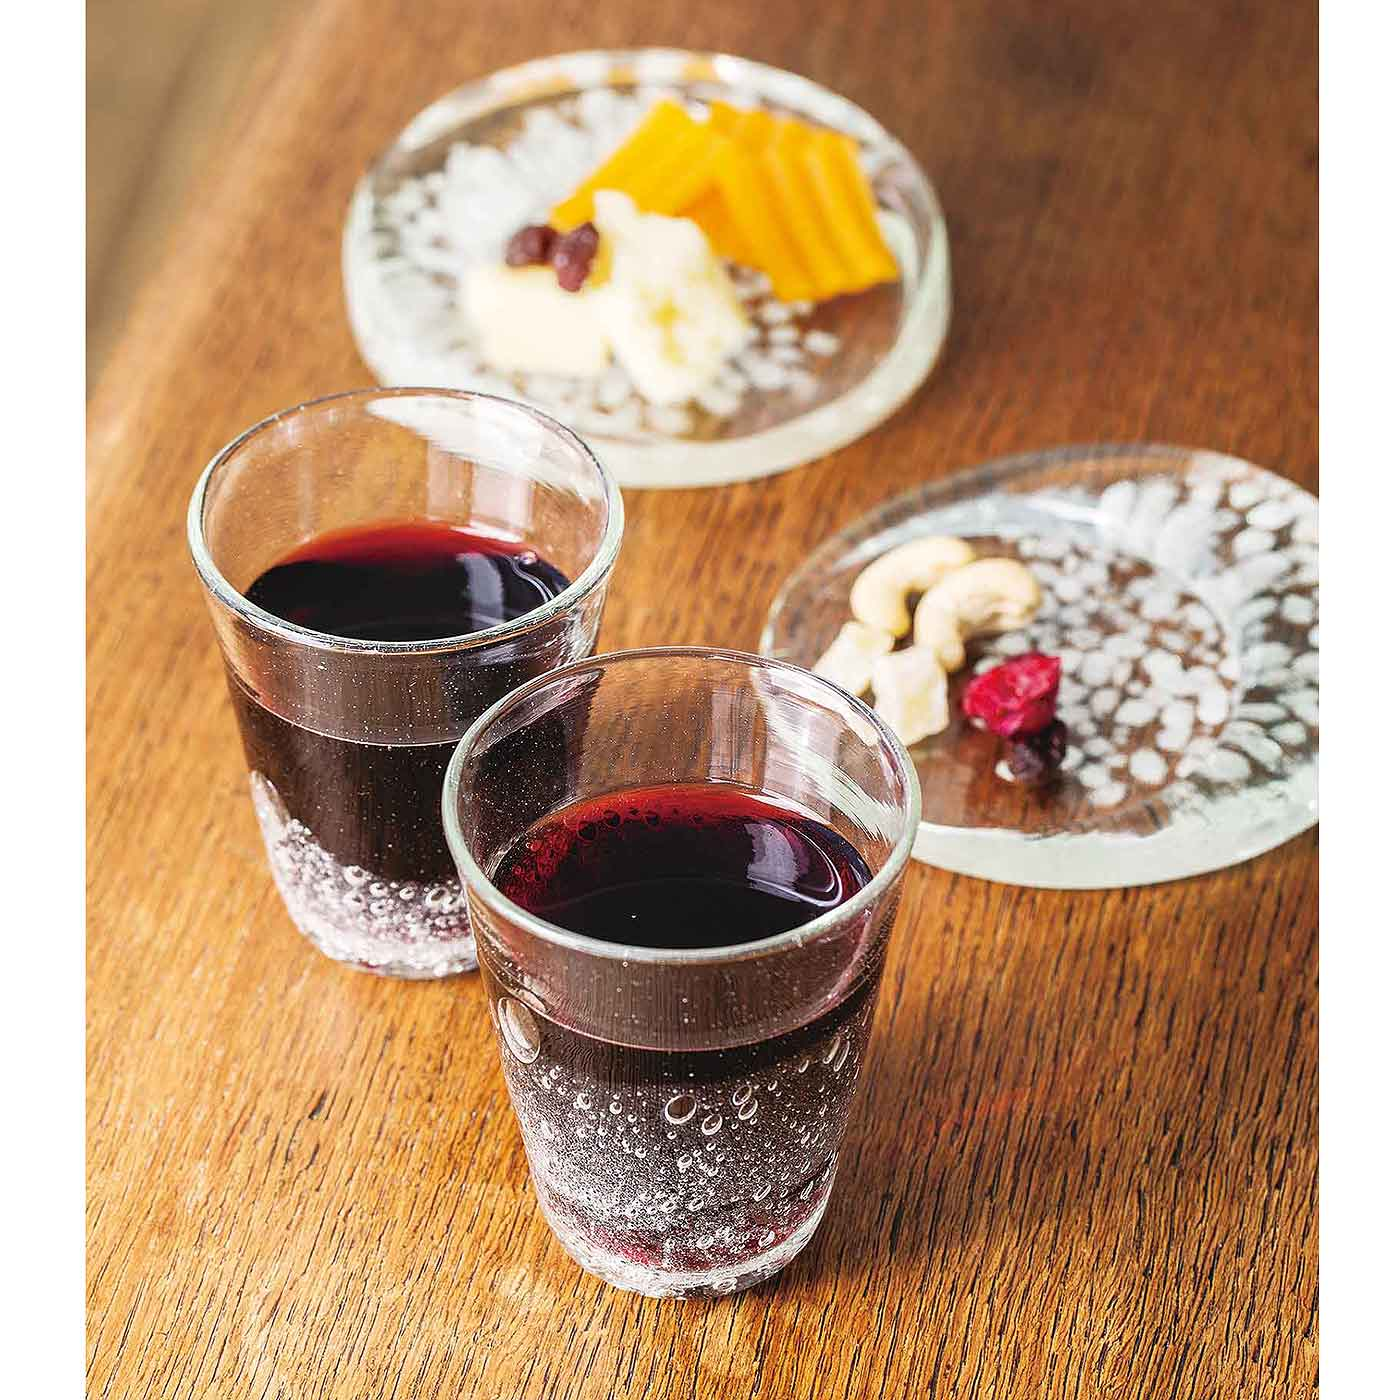 赤ワインに際立つ泡の美しさ……素敵なグラスでいただくお酒は、格別。